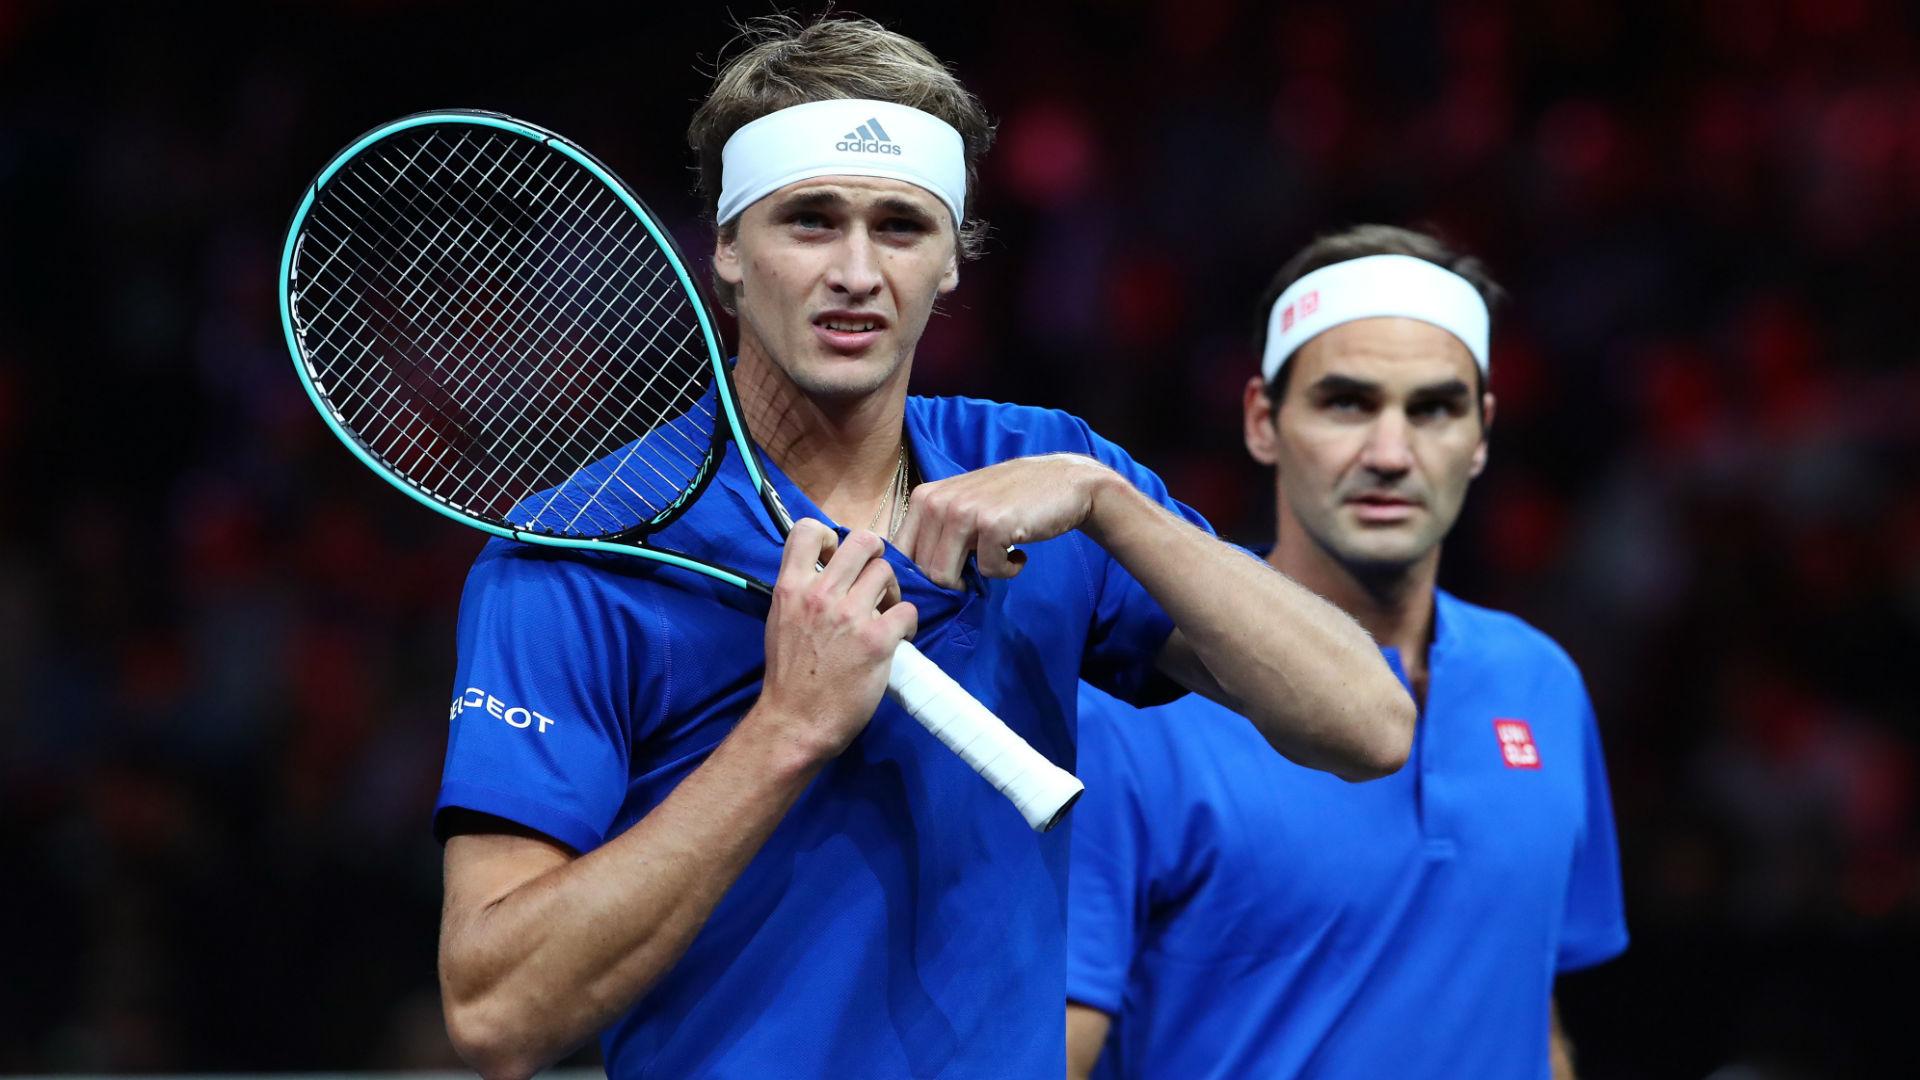 Laver Cup: Roger Federer gives expletive-laden pep talk to Alexander Zverev during Milos Raonic decider